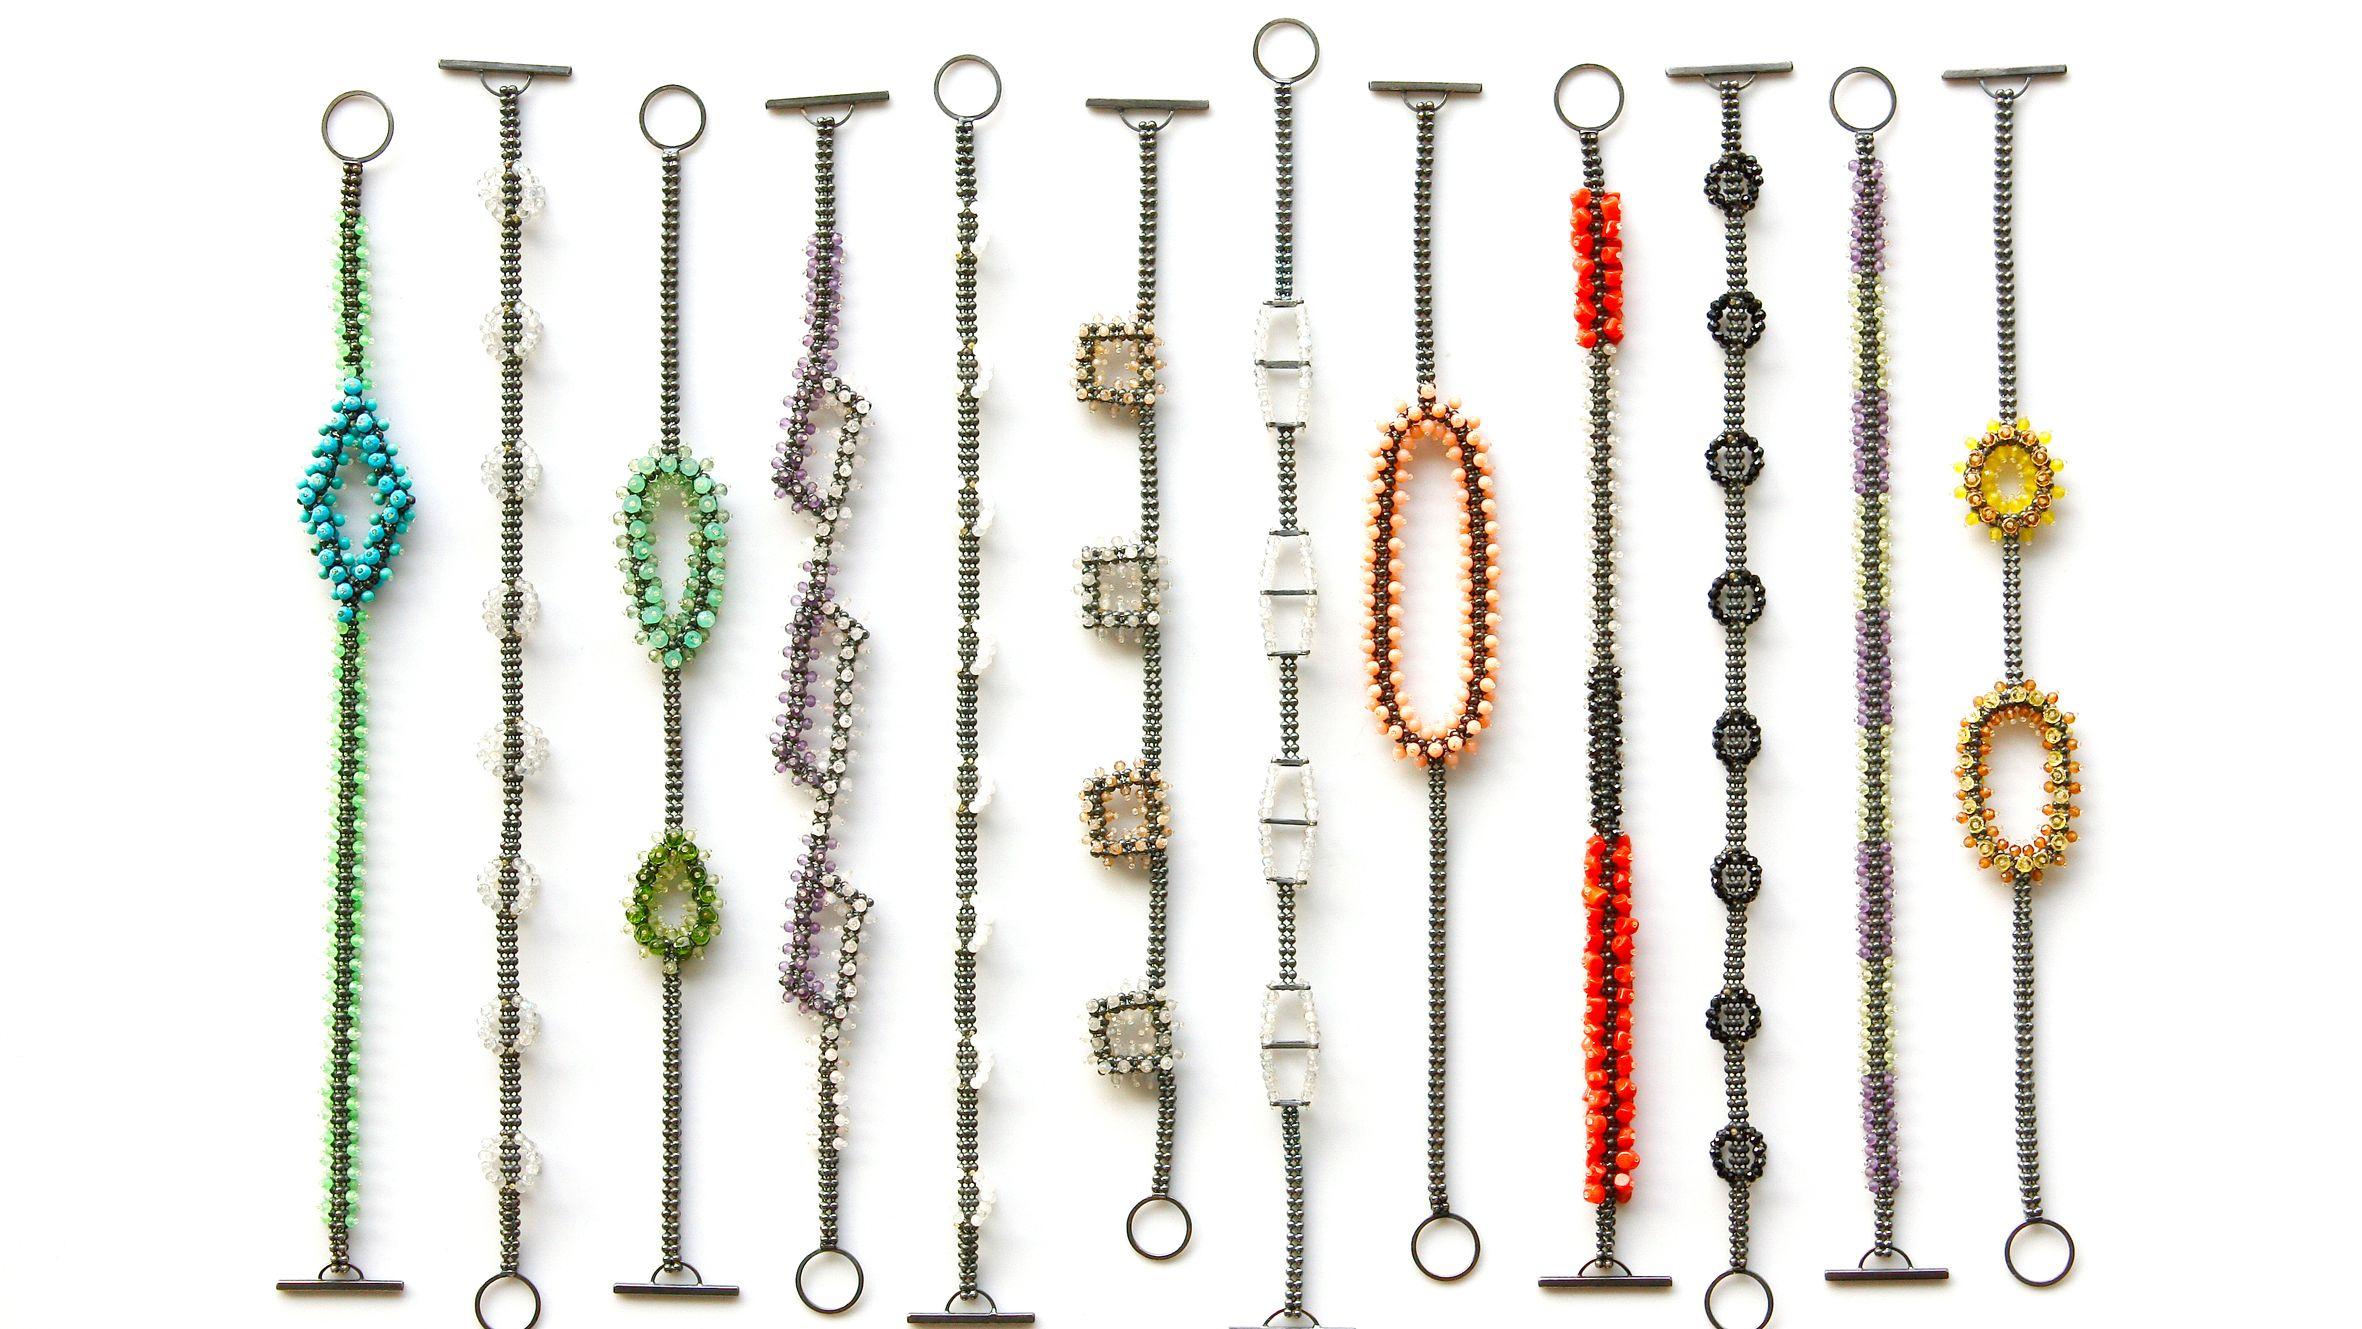 Eine Auswahl feingliedriger Armbänder von Alexandra Bahlmann, nebeneinander aufgereiht  und als bunter Augenschmaus präsentiert